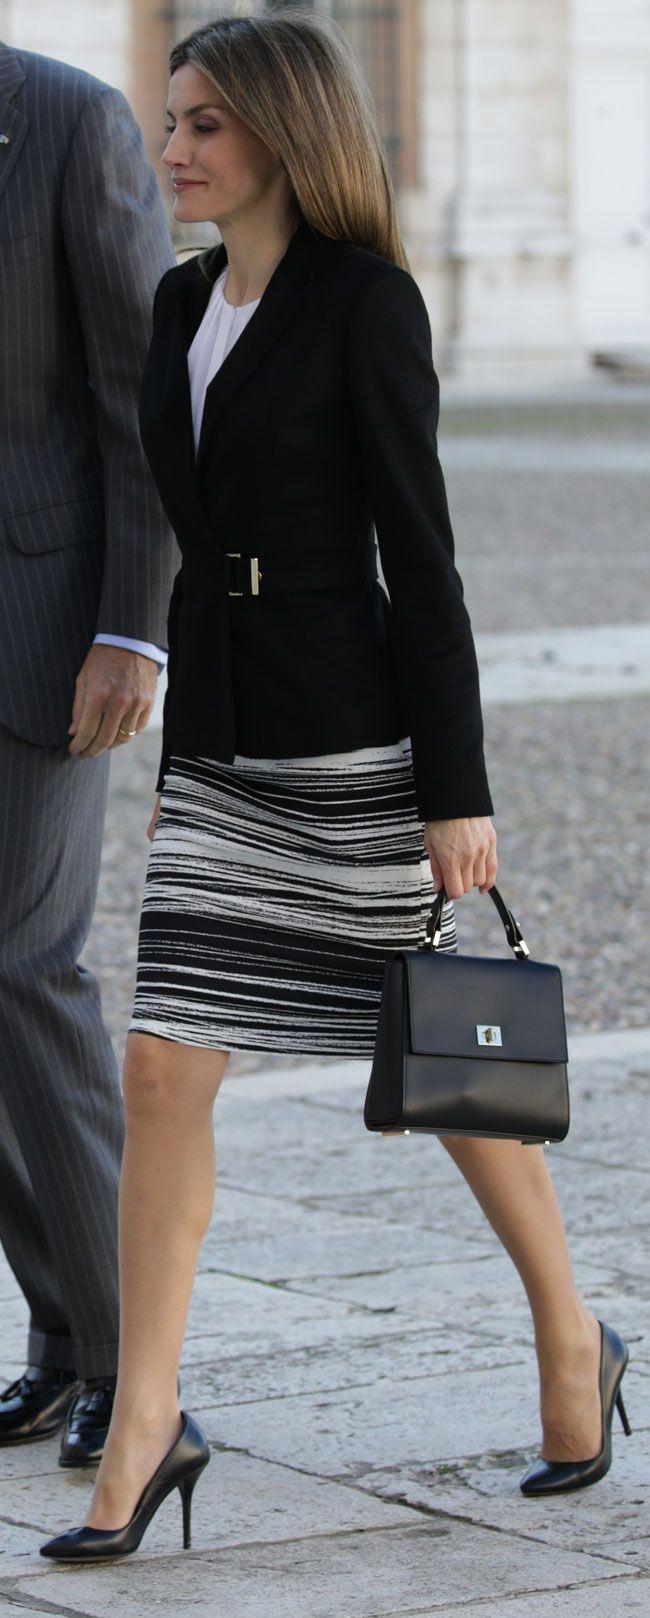 Complementos de la Reina,  bolso lady bespoke también de Hugo Boss. De zapatos, los salones básicos negros de Magrit.. 07.11.2016